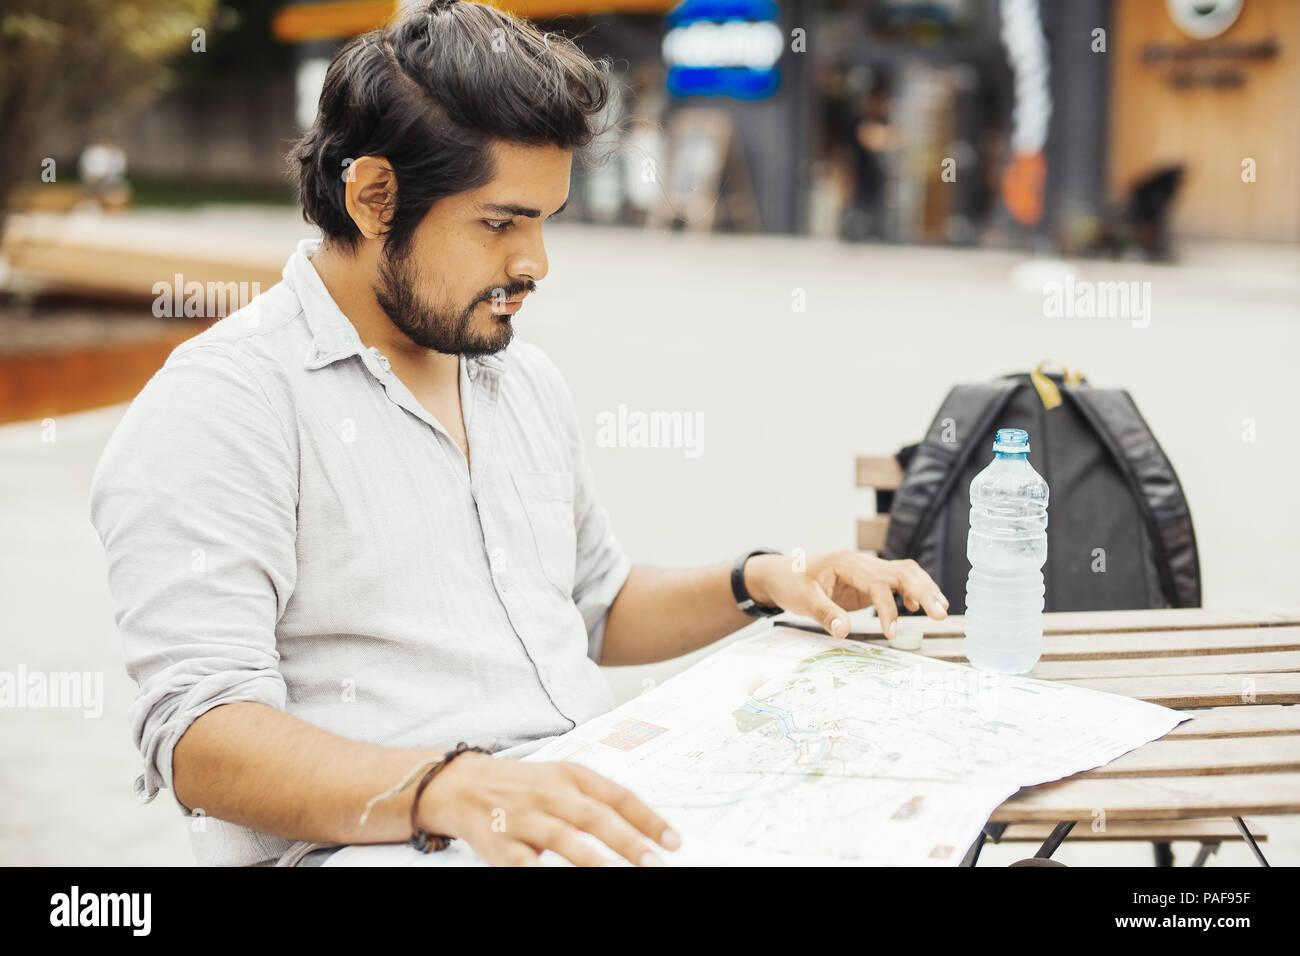 Mann sitzt im Cafe und Suchen auf der Karte. Neben der Mensch ist Mineralwasser. Stockbild